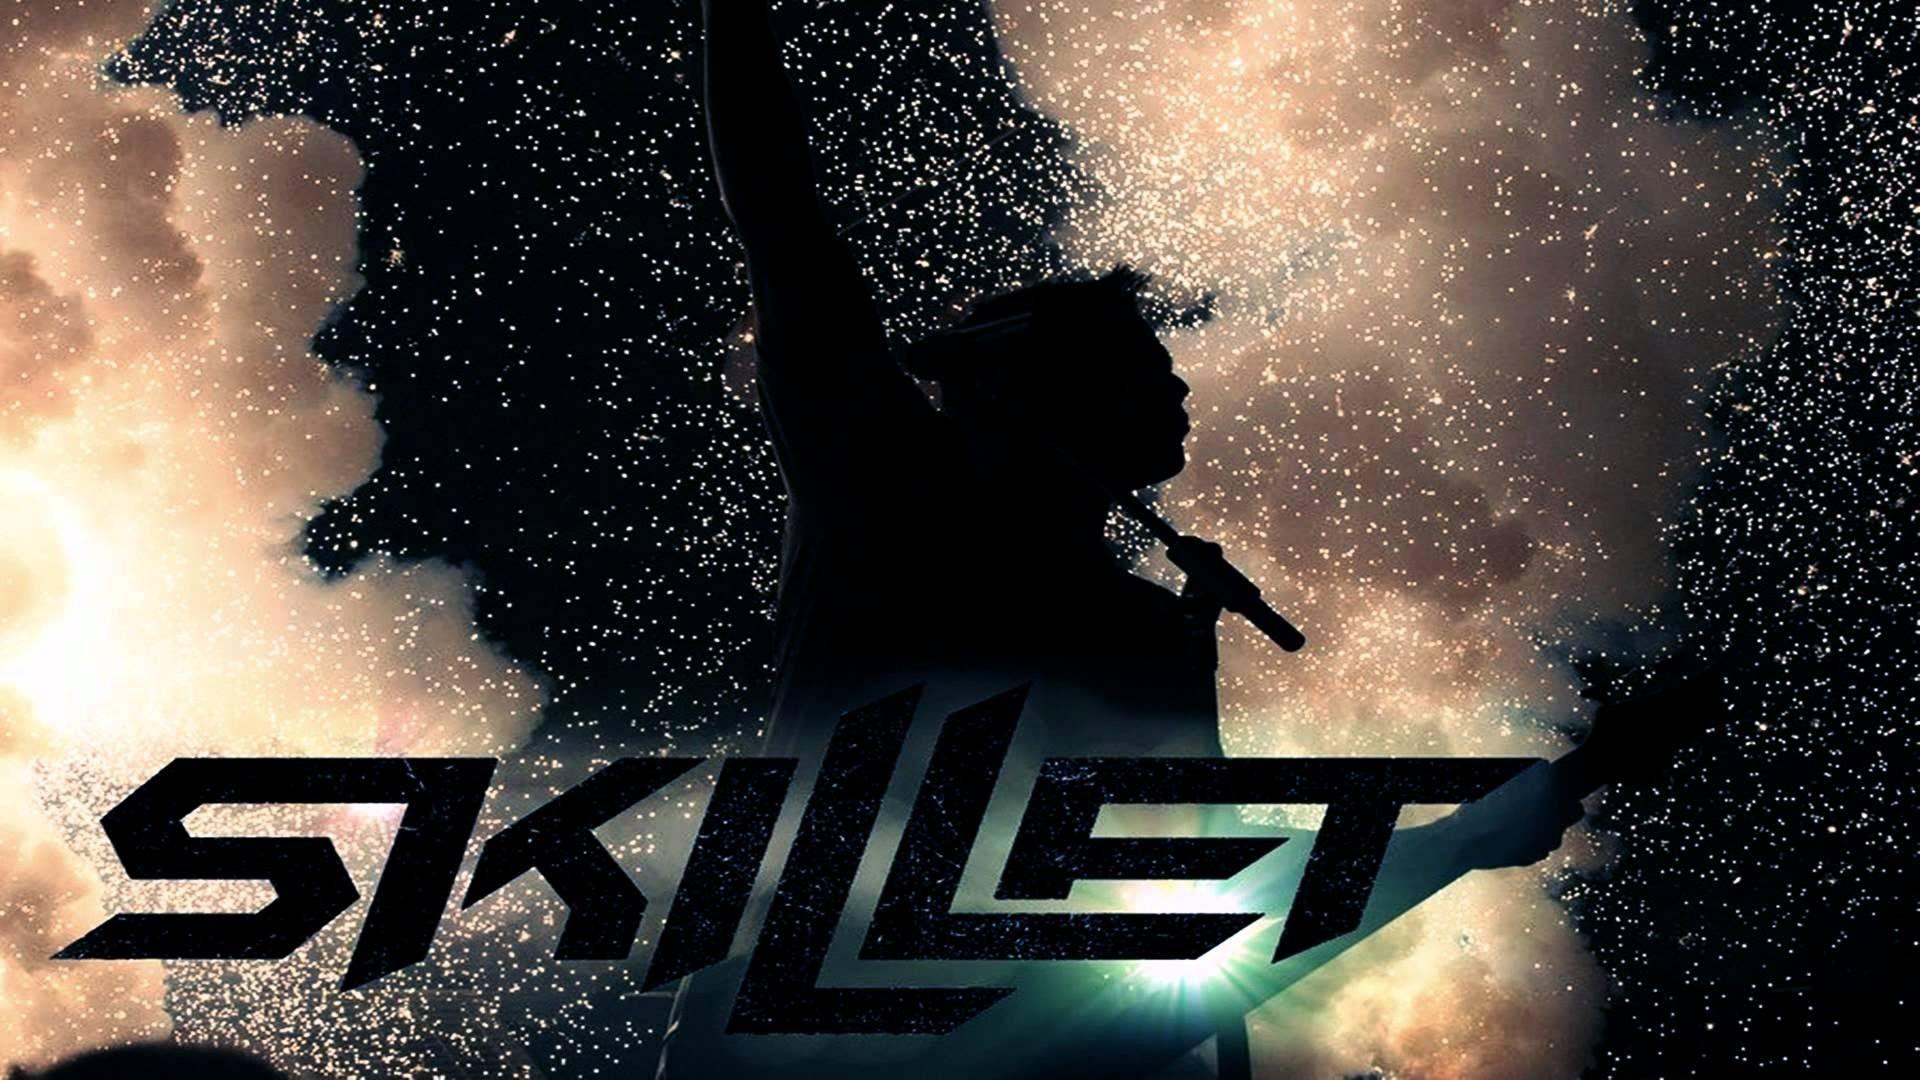 Skillet Wallpaper 2018 60 Images